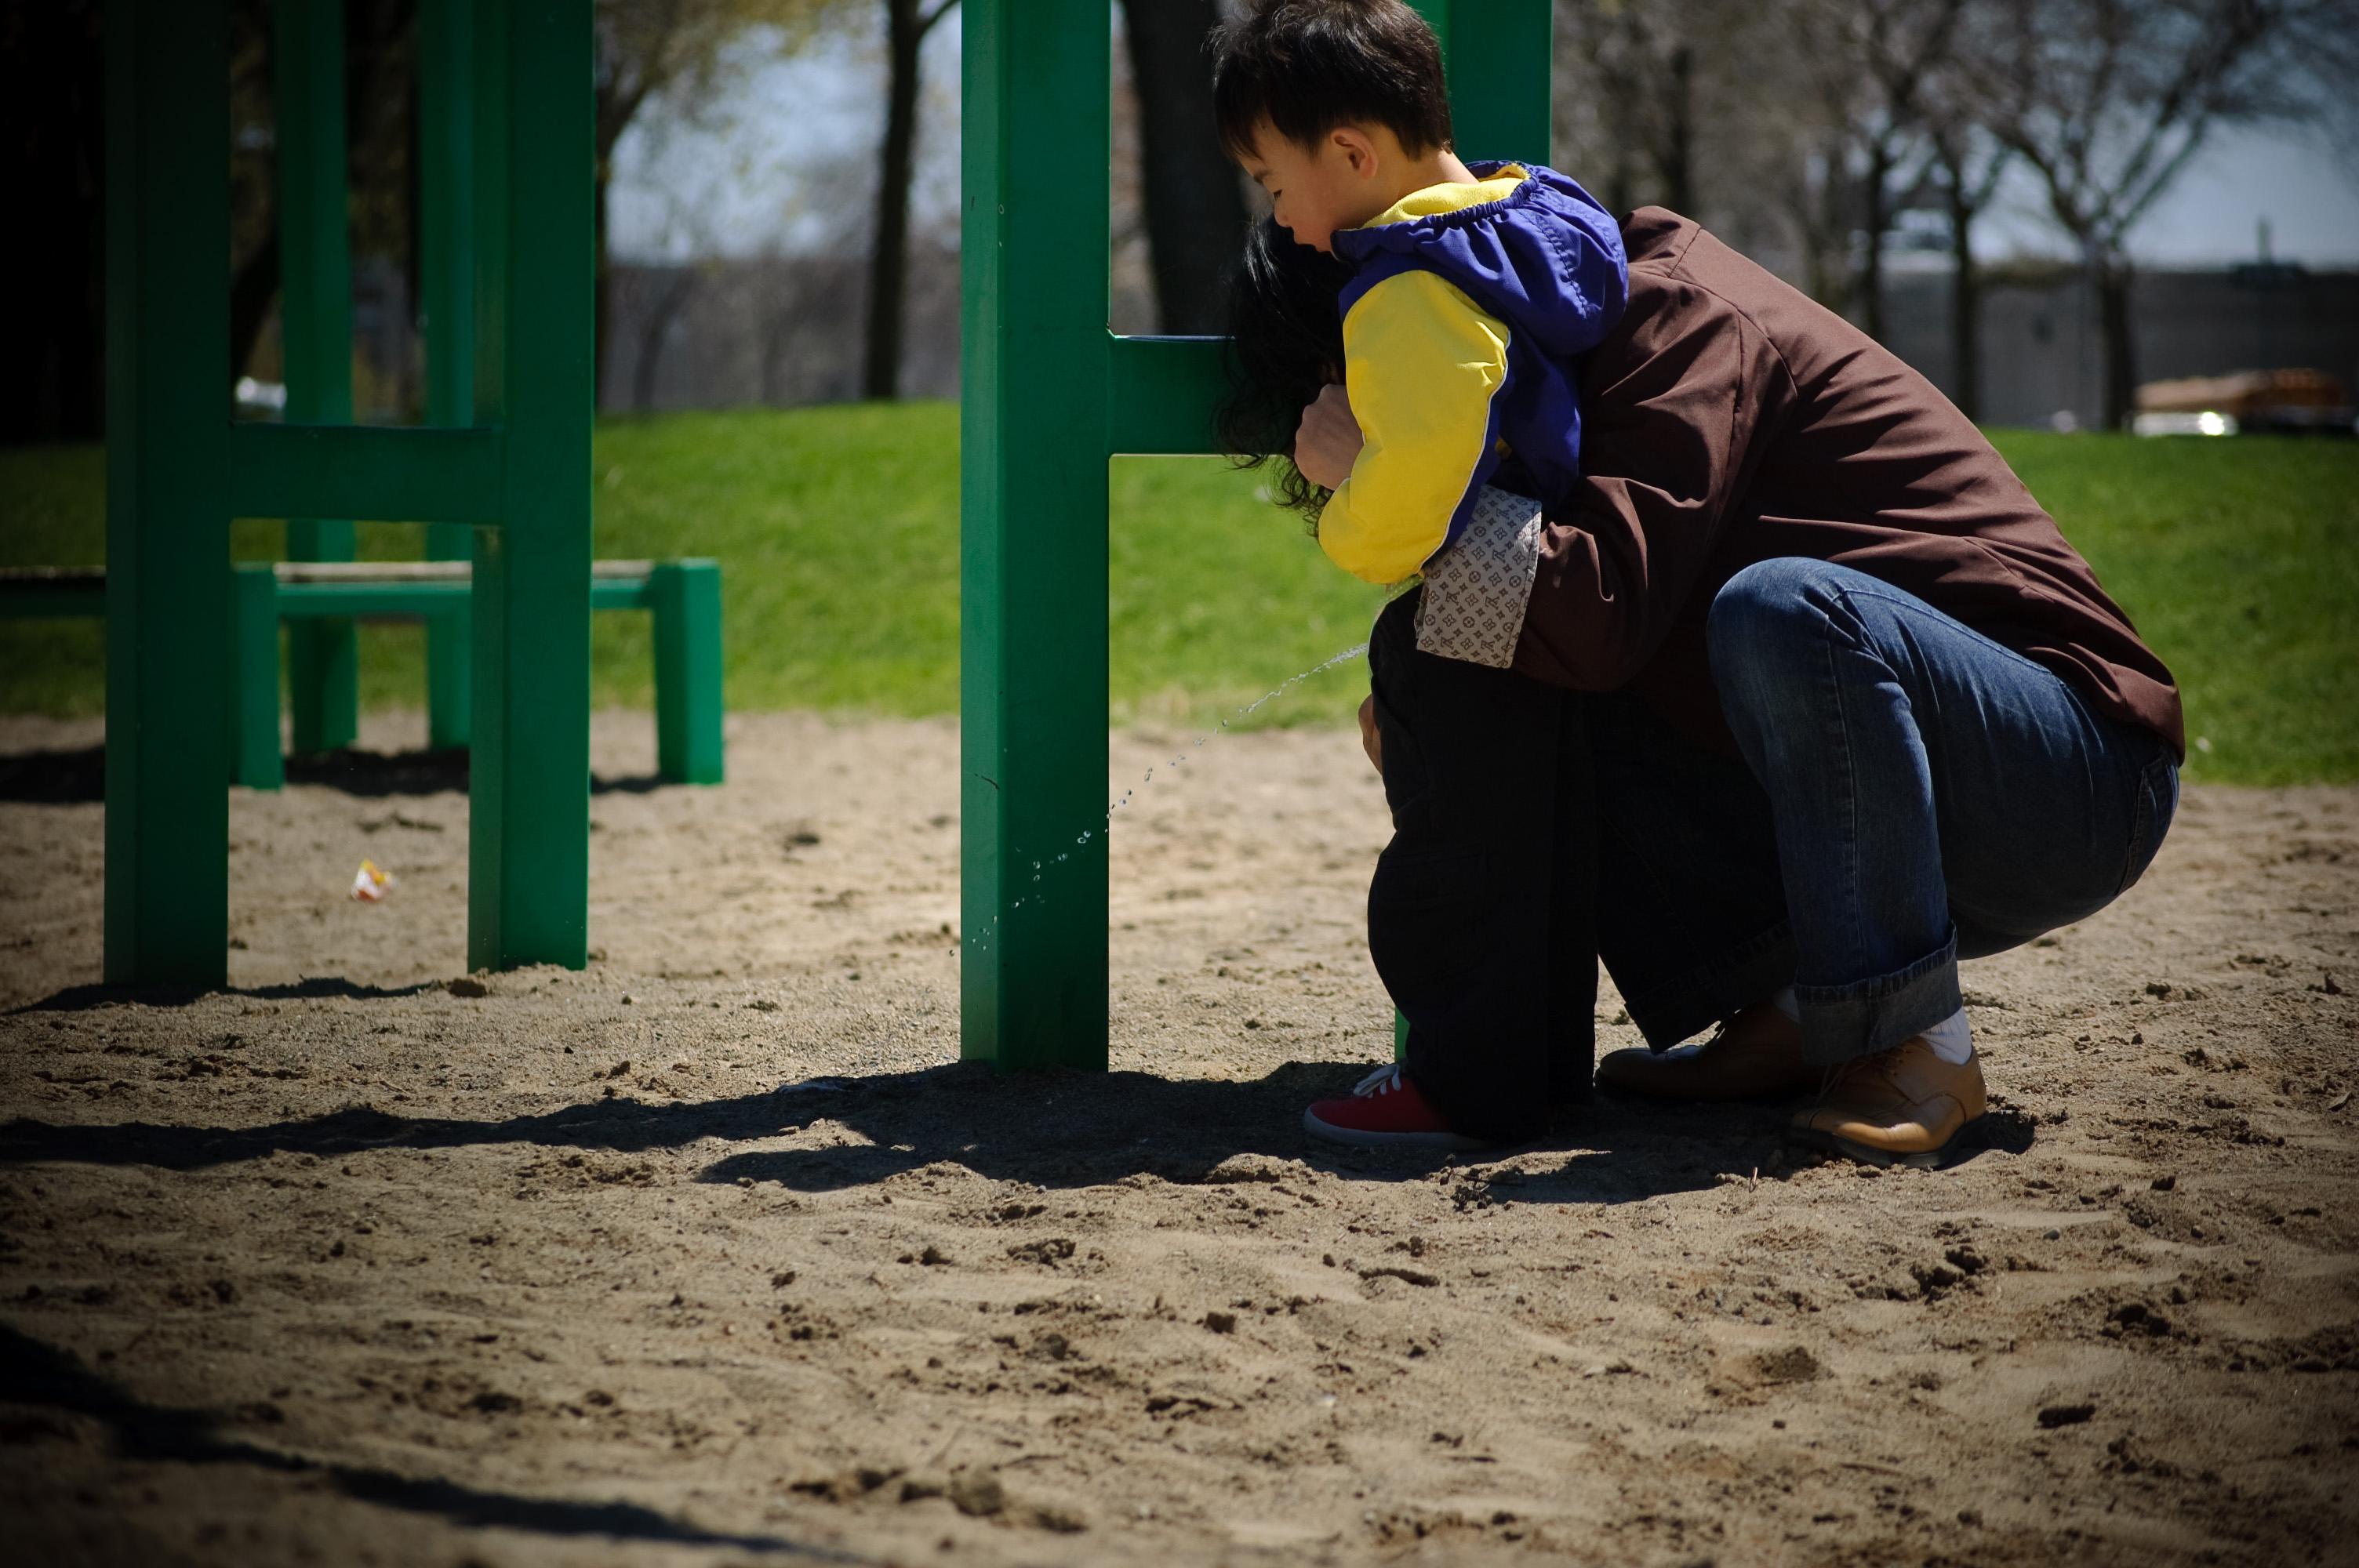 Young teen boy public pee